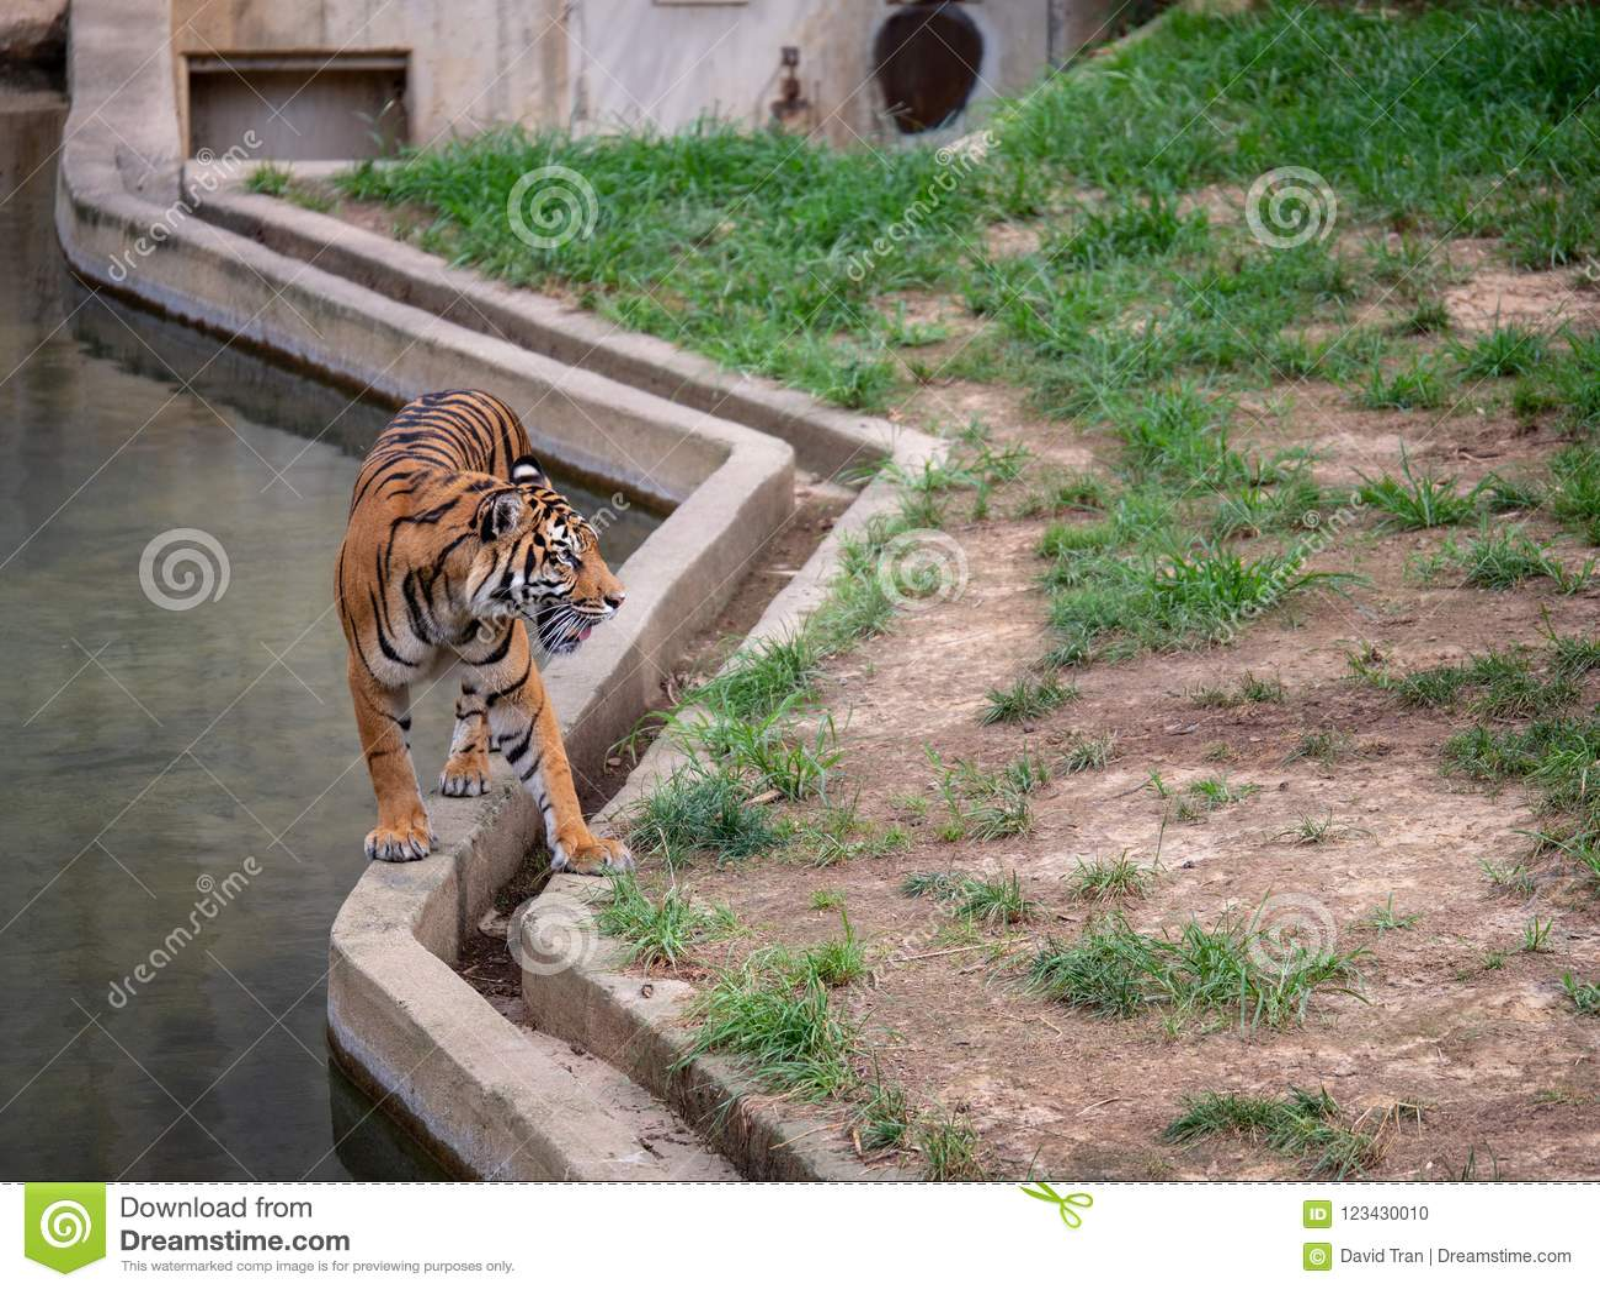 苏门答腊老虎豹属底格里斯河sondaica沿水泥路障走在动物园封入物